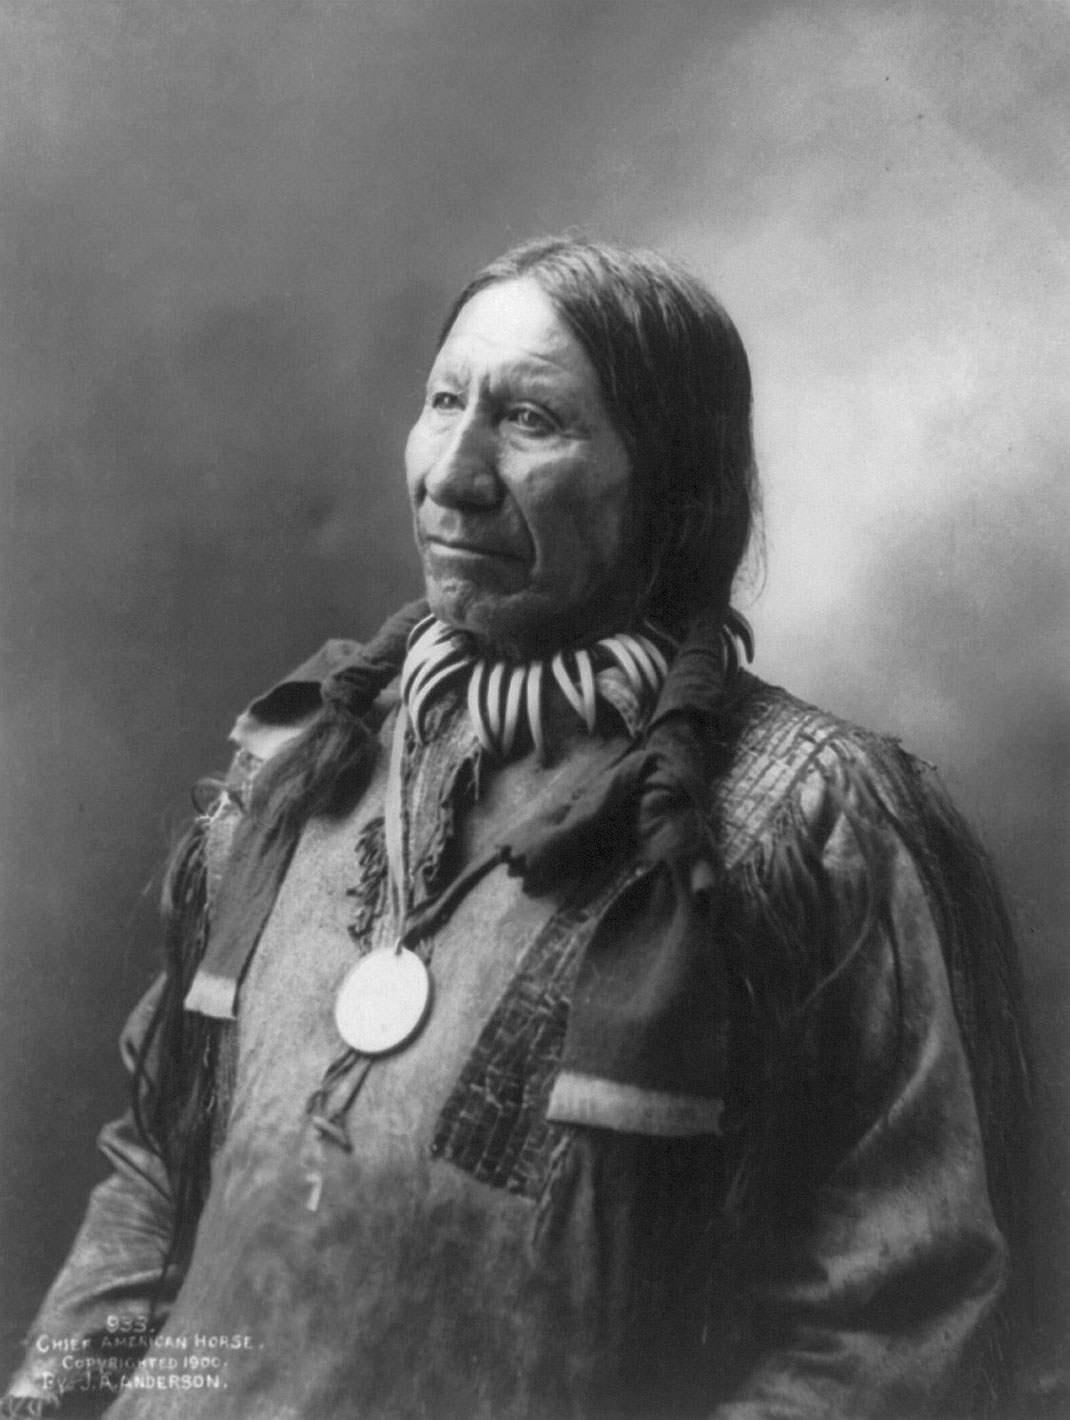 indien-american-horse.jpg